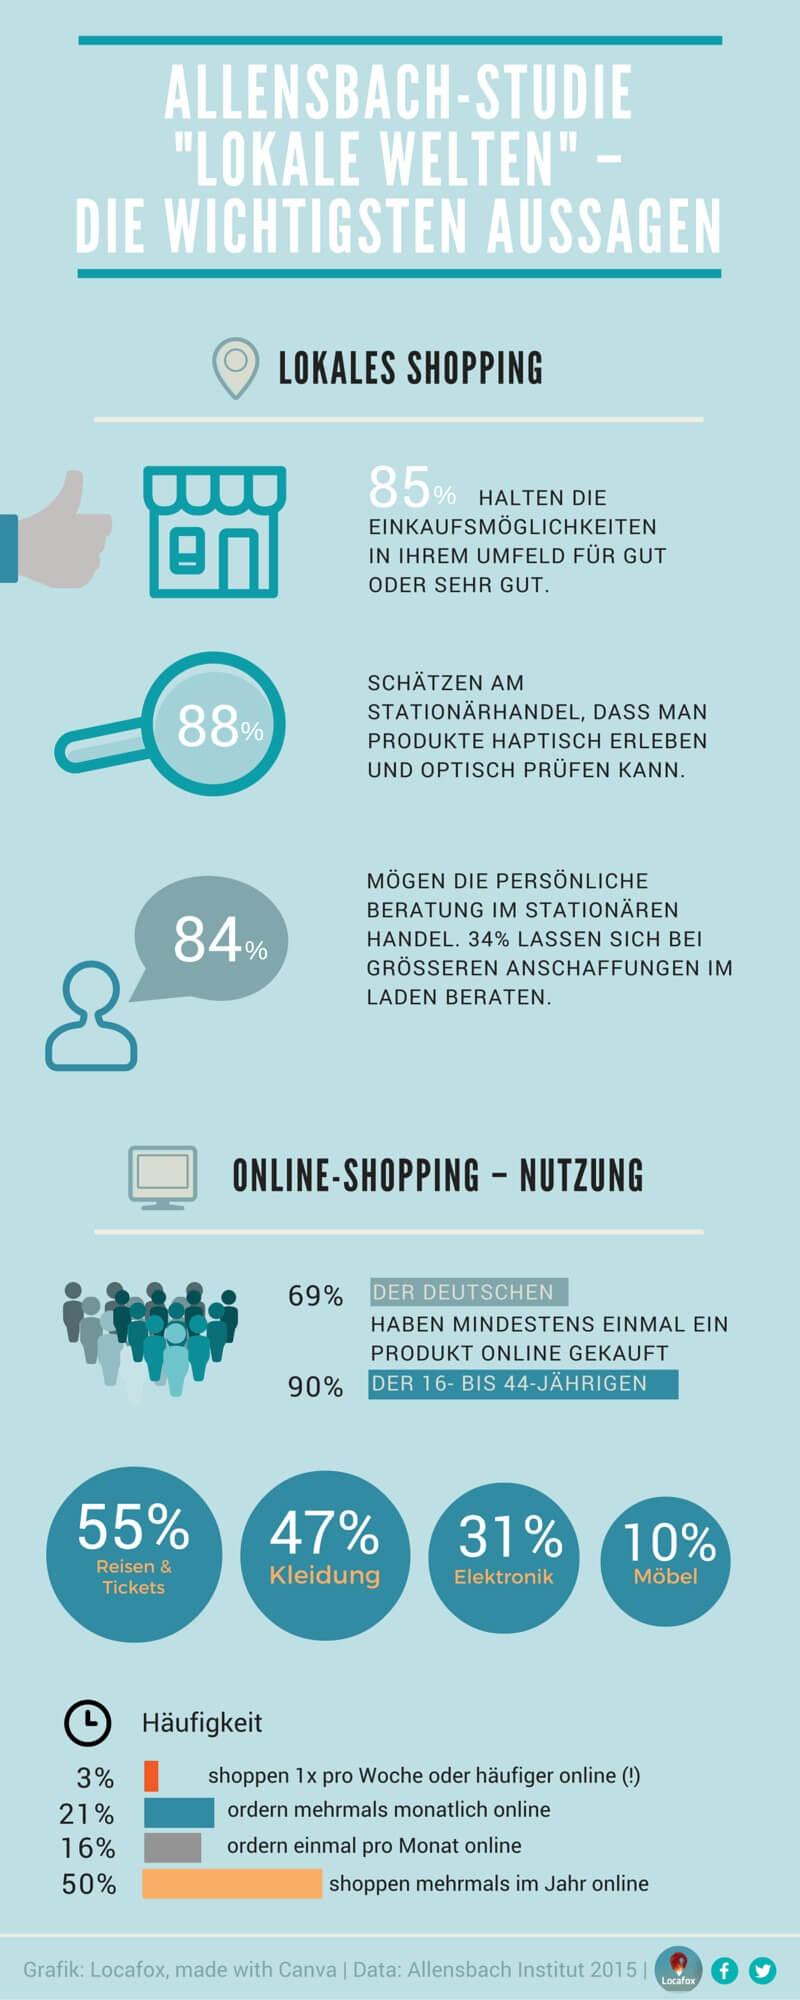 Kunden bevorzugen Einkaufsmöglichkeiten in ihrem lokalen Umfeld